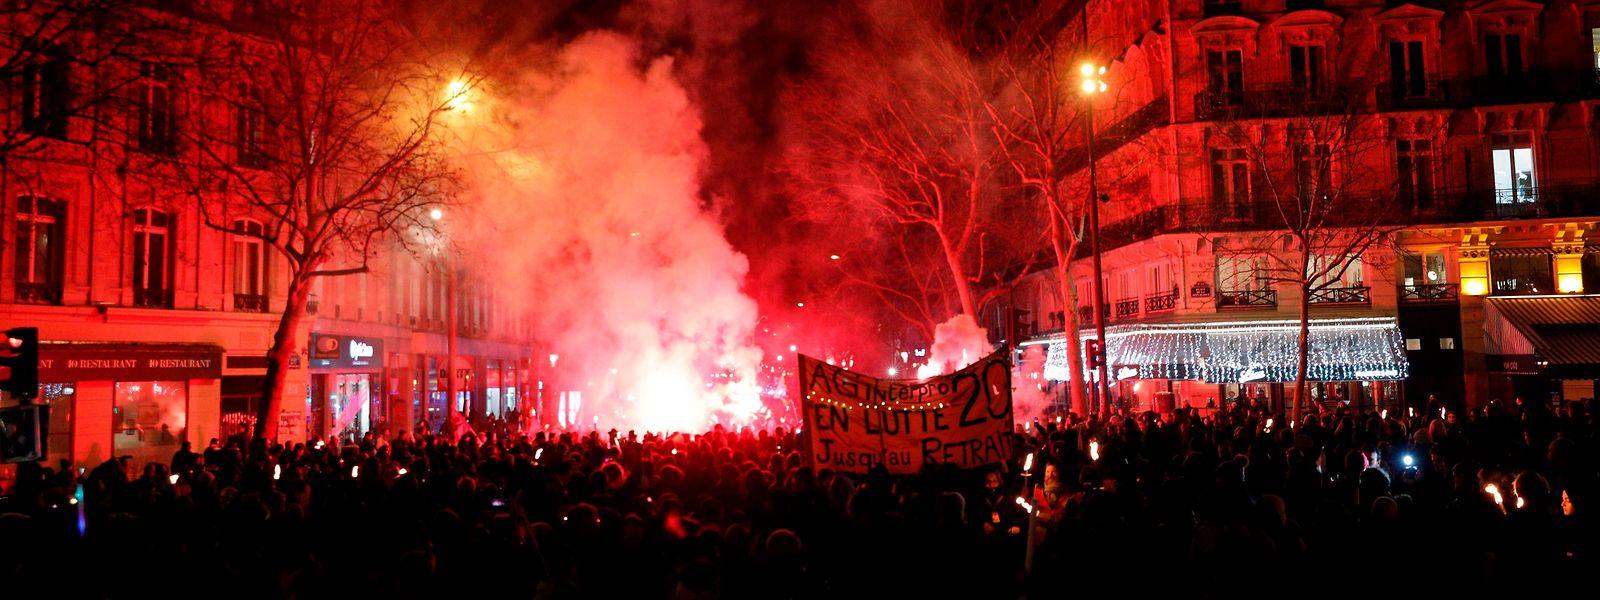 Am Donnerstagabend zogen Tausende Menschen mit Fackeln und Laternen durch Paris, um gegen die Reform zu demonstrieren.